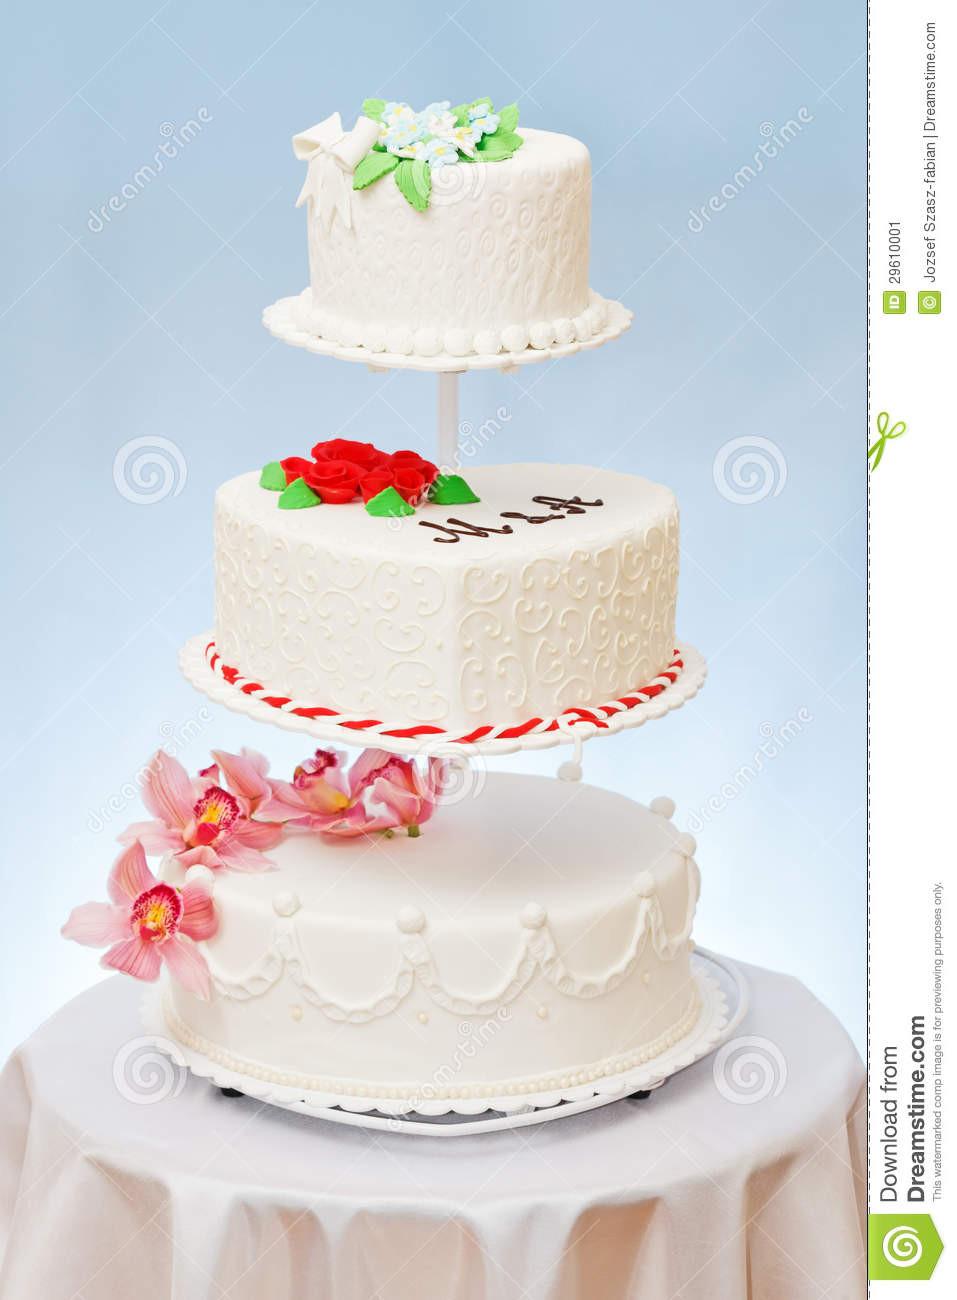 Wedding Cakes Models  Wedding Cakes Models Stock Image Image